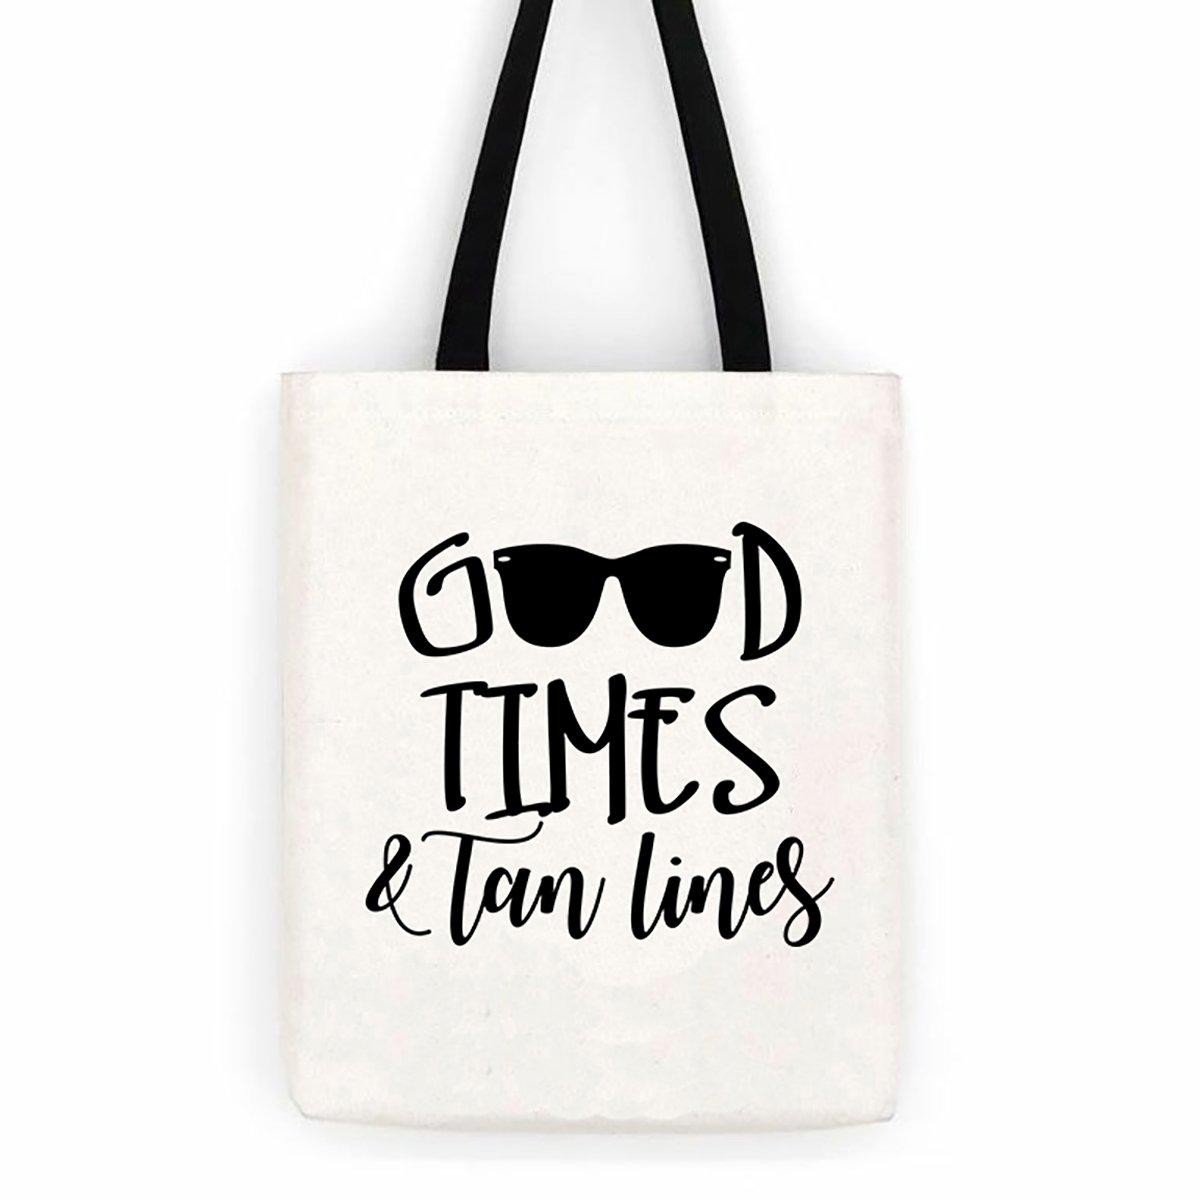 Good Times /& Tan Lines Cotton Canvas Tote Bag Beach Trip Bag